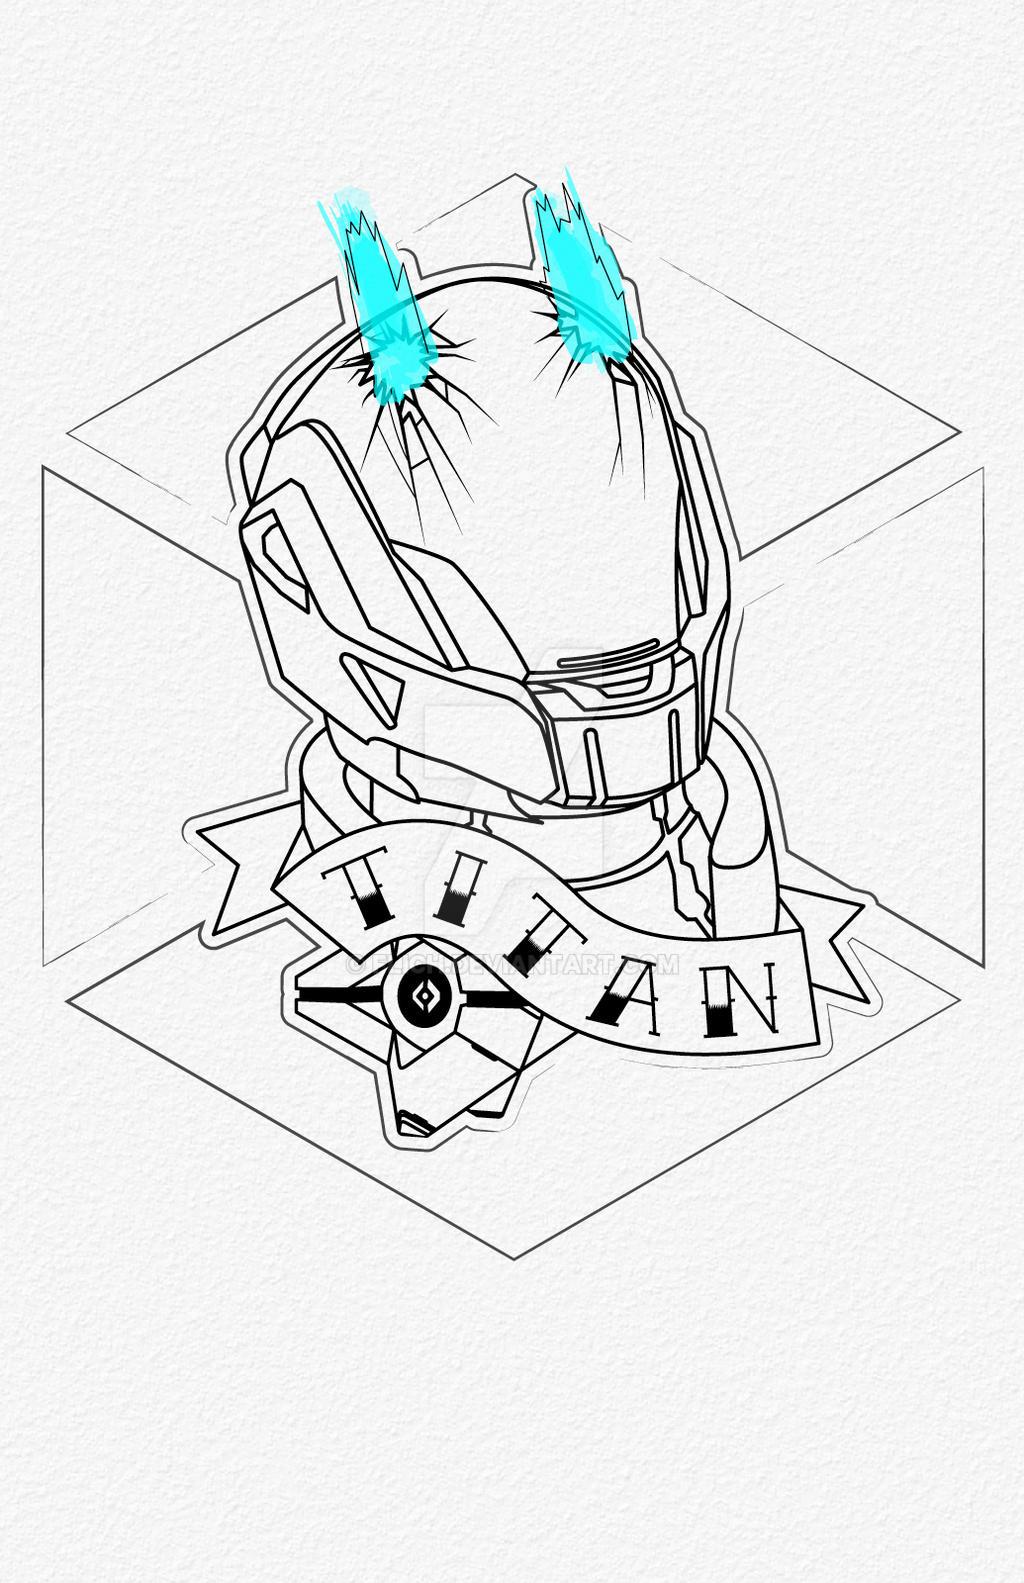 Destiny Titan Tattoo By Flich On DeviantArt